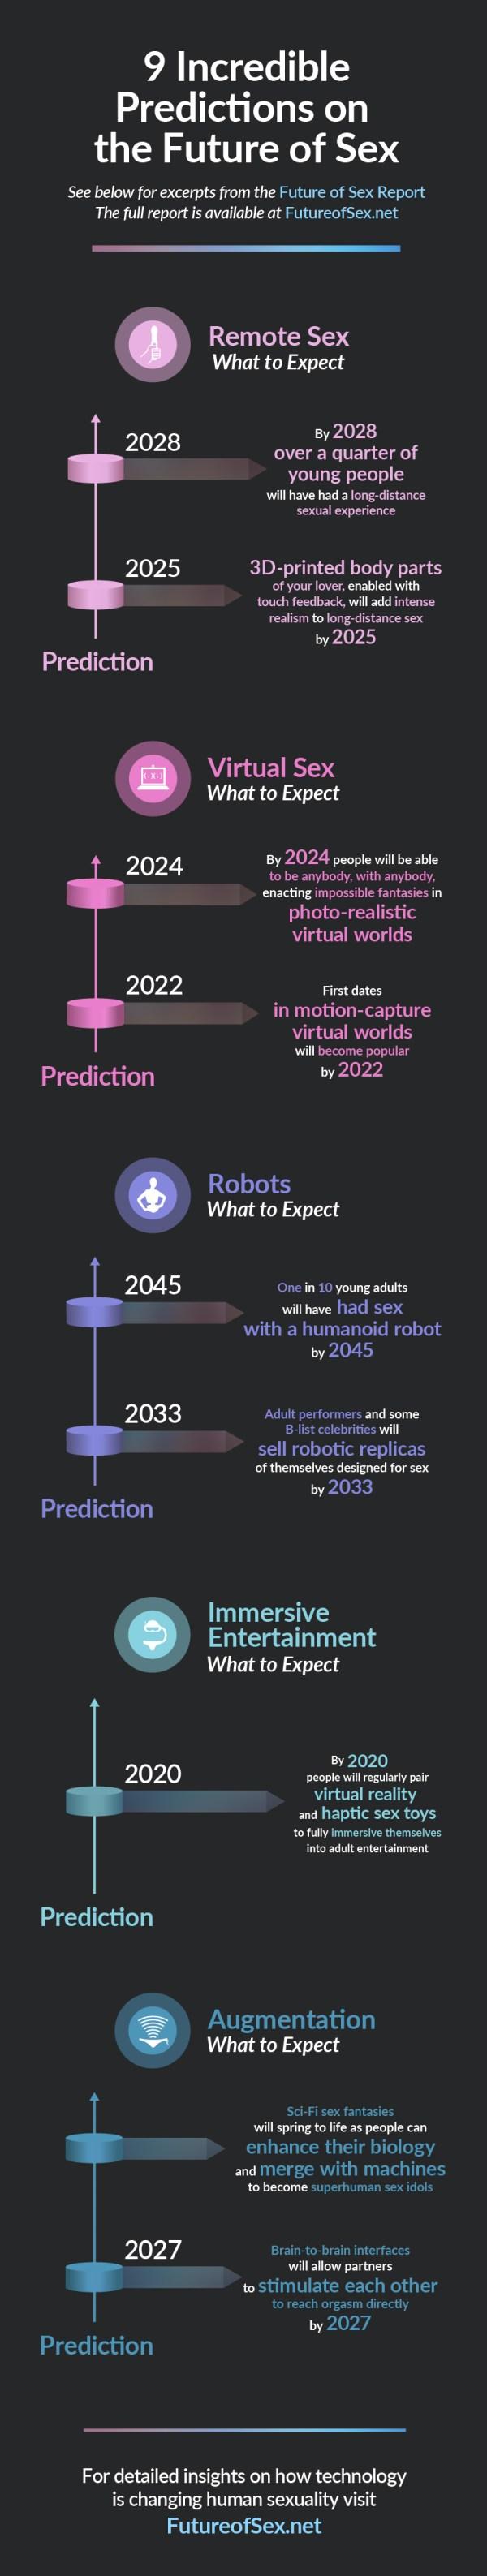 future-of-sex